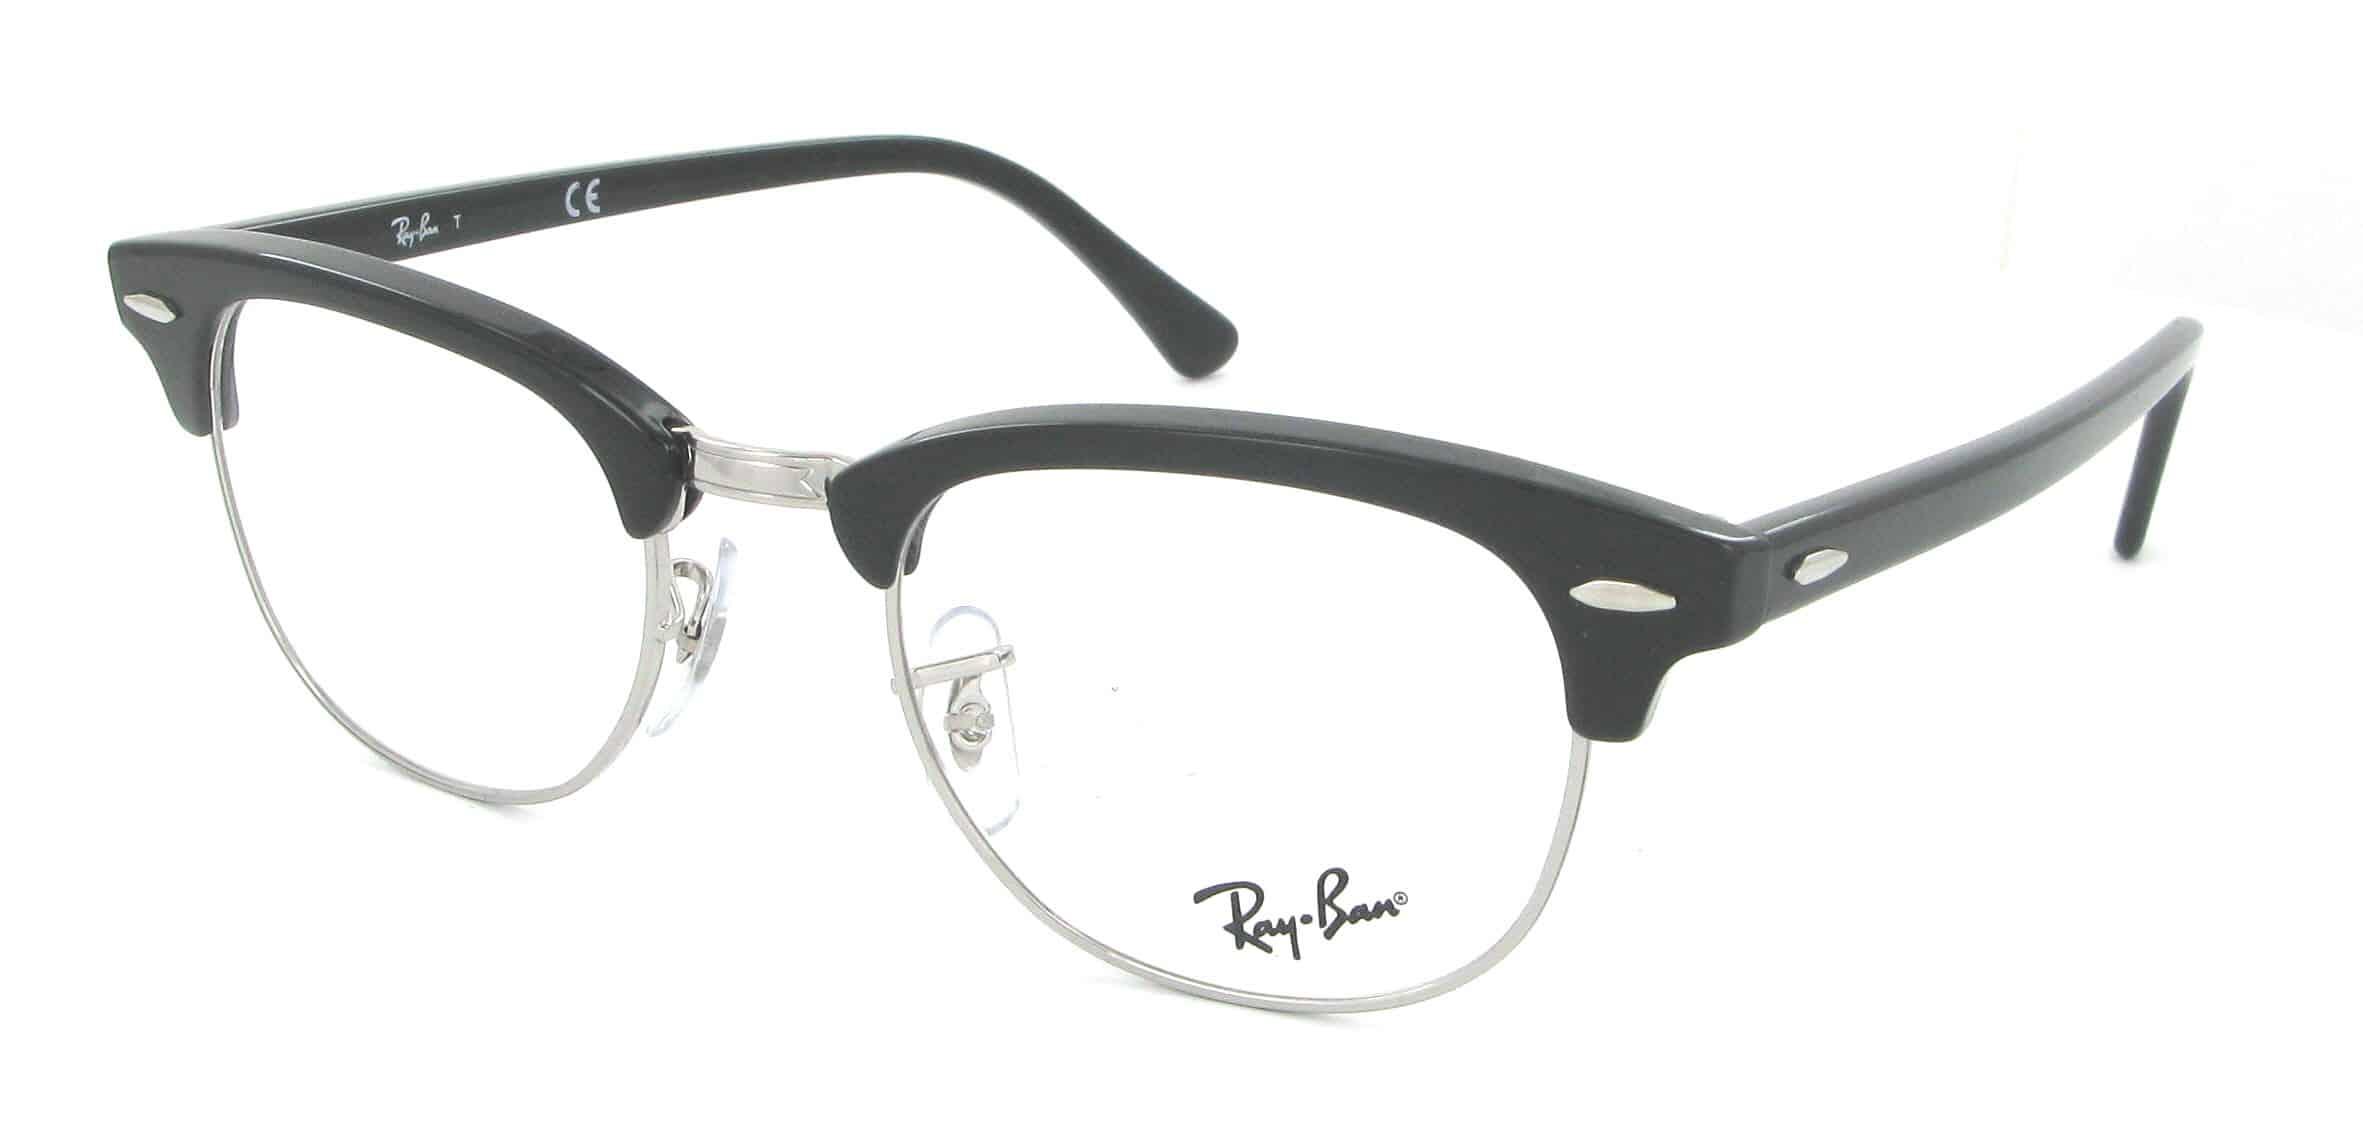 La lunette de vue pour accentuer la forme du visage